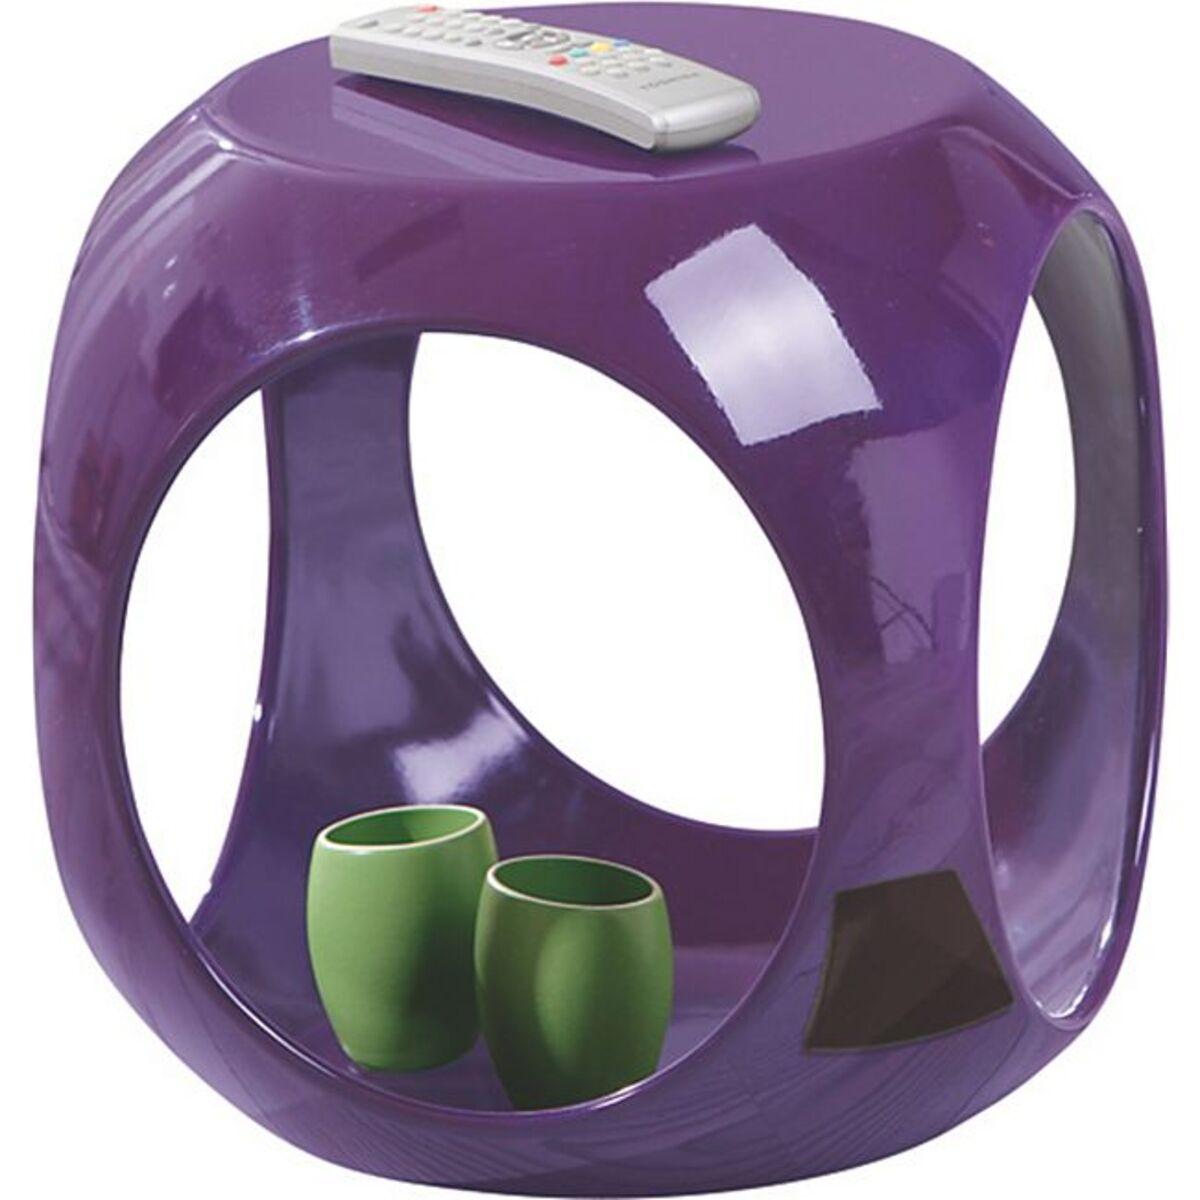 Bild 1 von Inter Link Beistelltisch Nono rund Ultra Violet